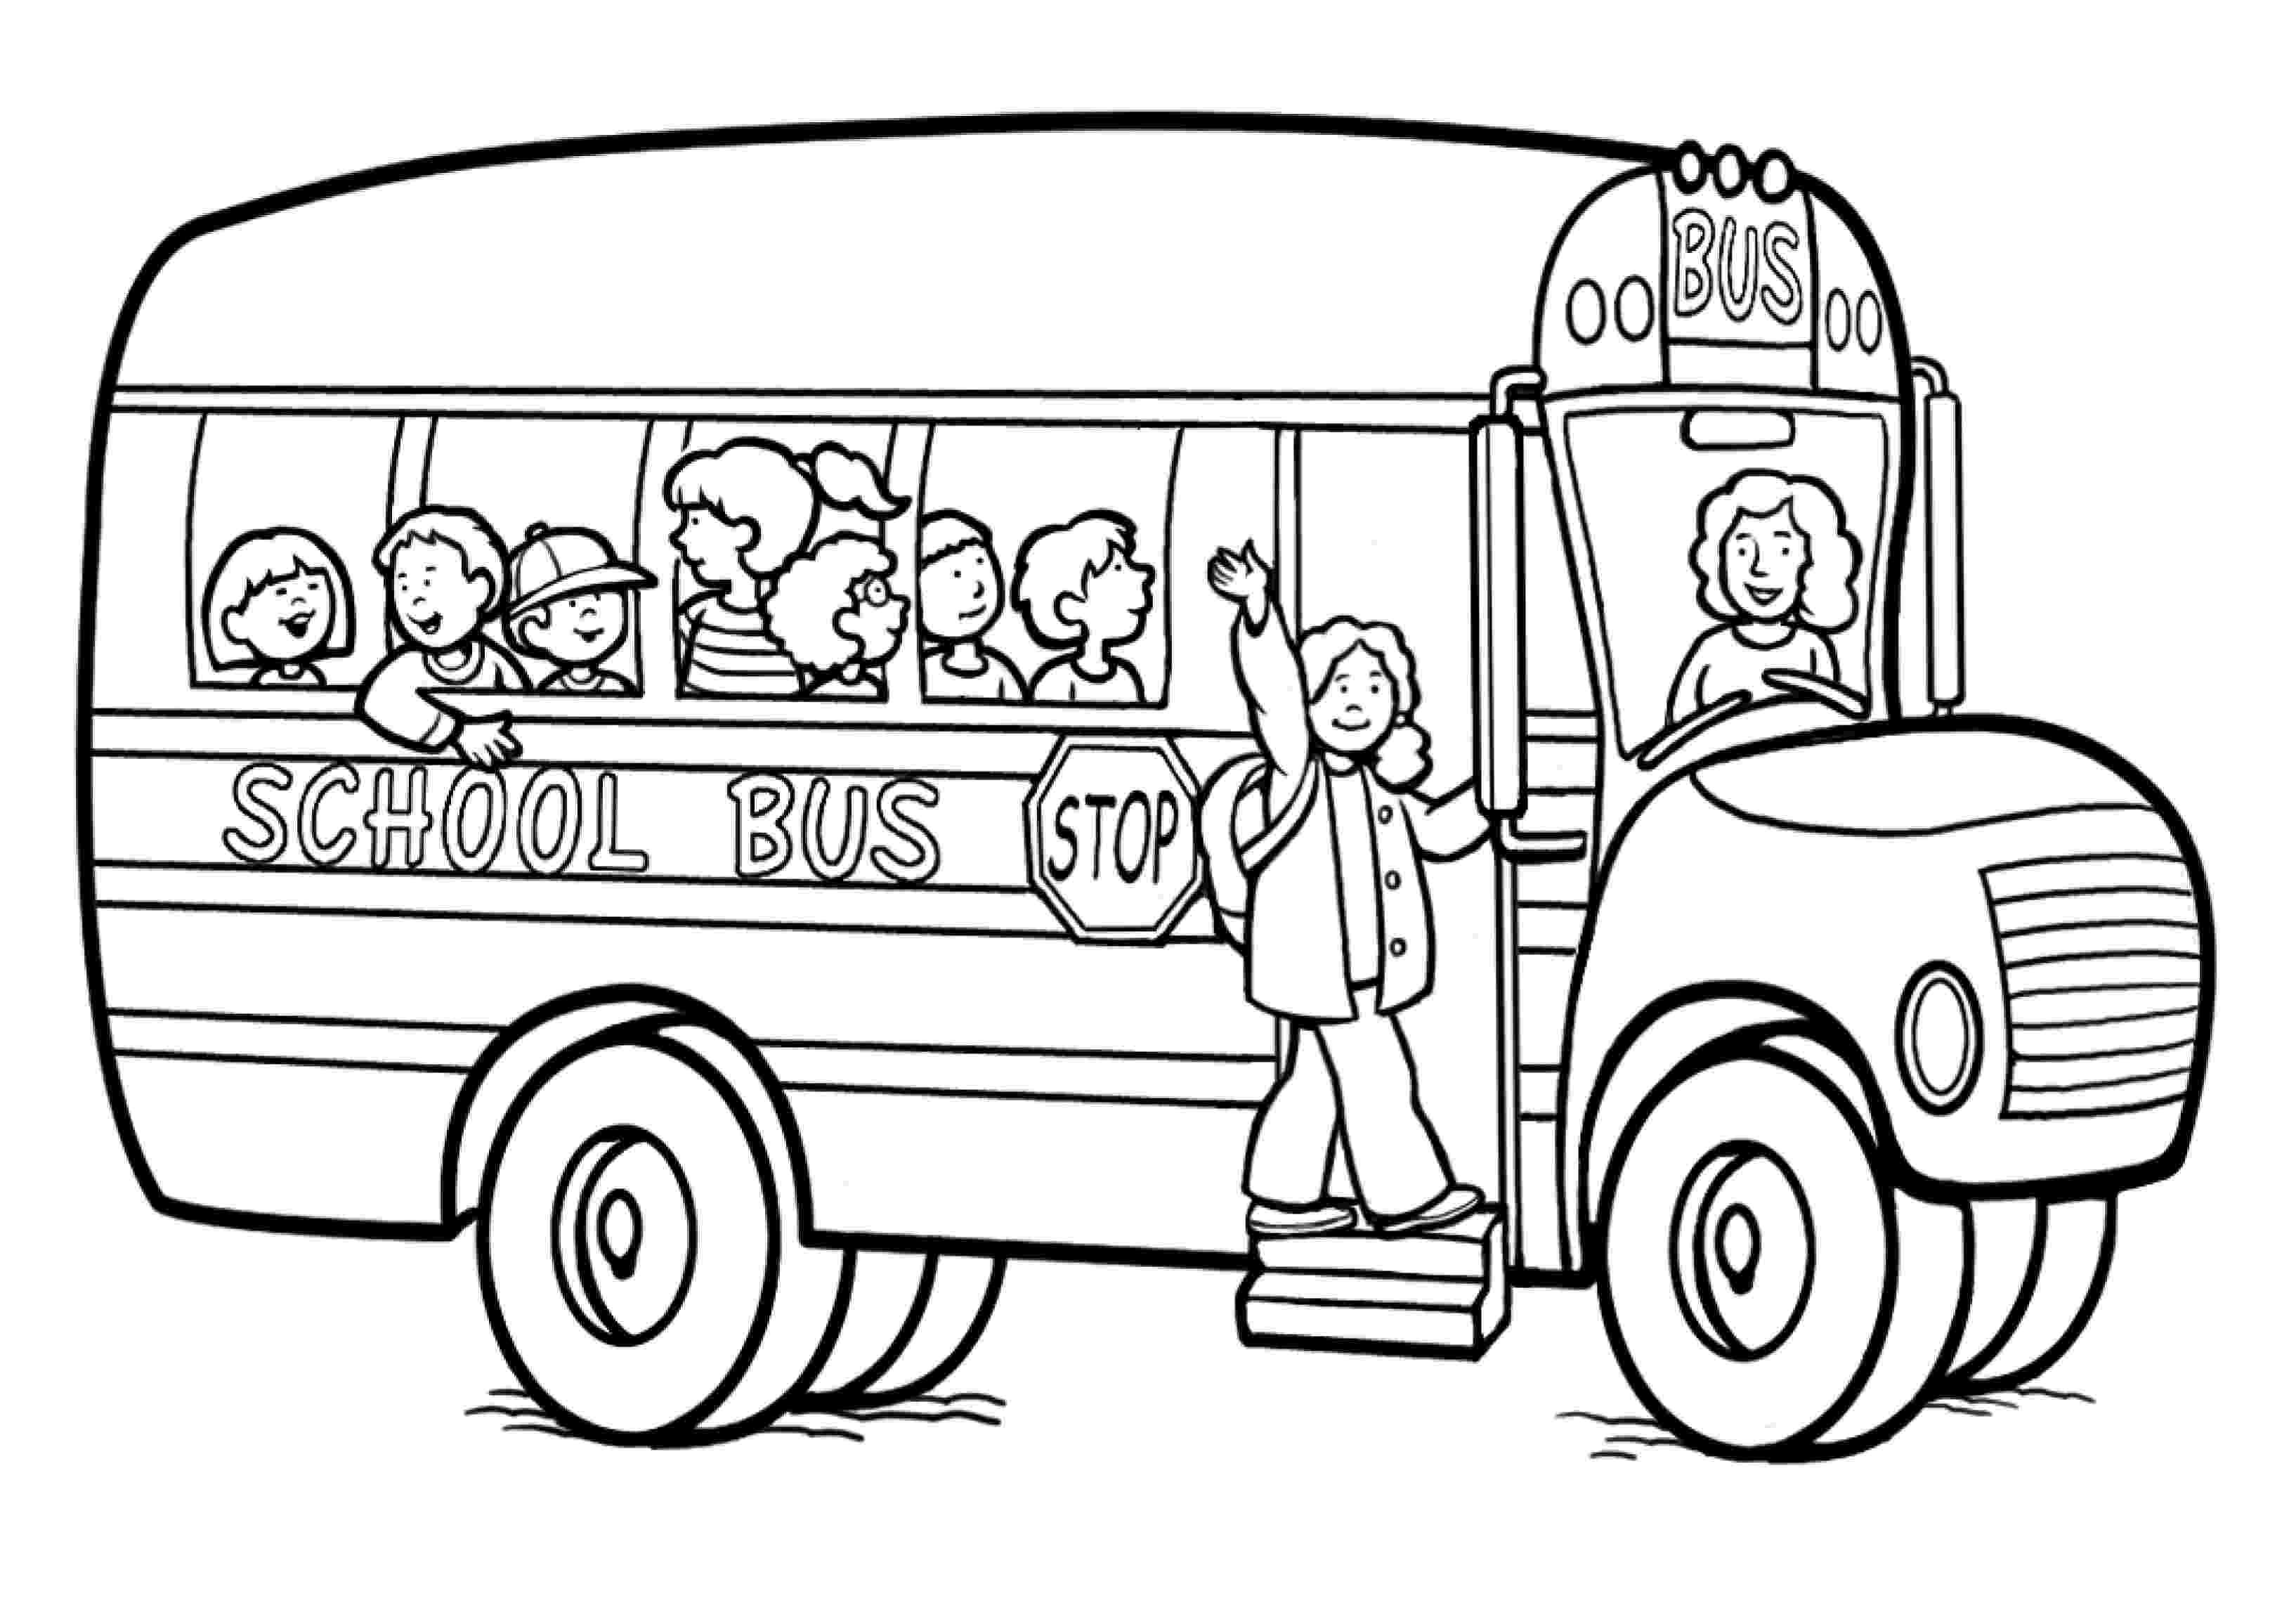 school bus coloring sheet school bus coloring pages getcoloringpagescom school sheet coloring bus